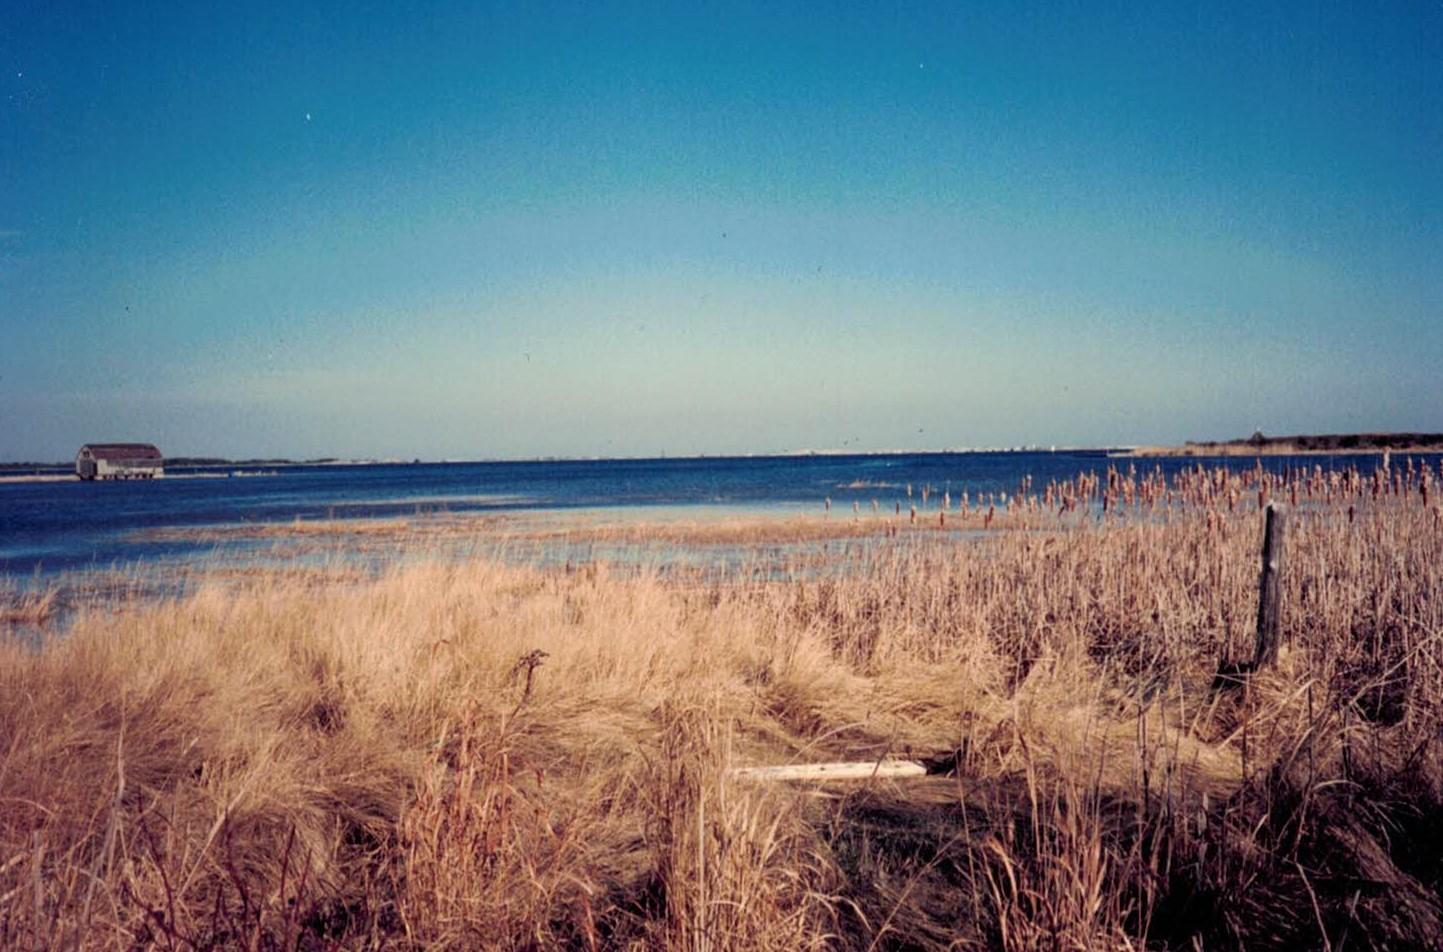 Beachphoto12-28-2020 (2)